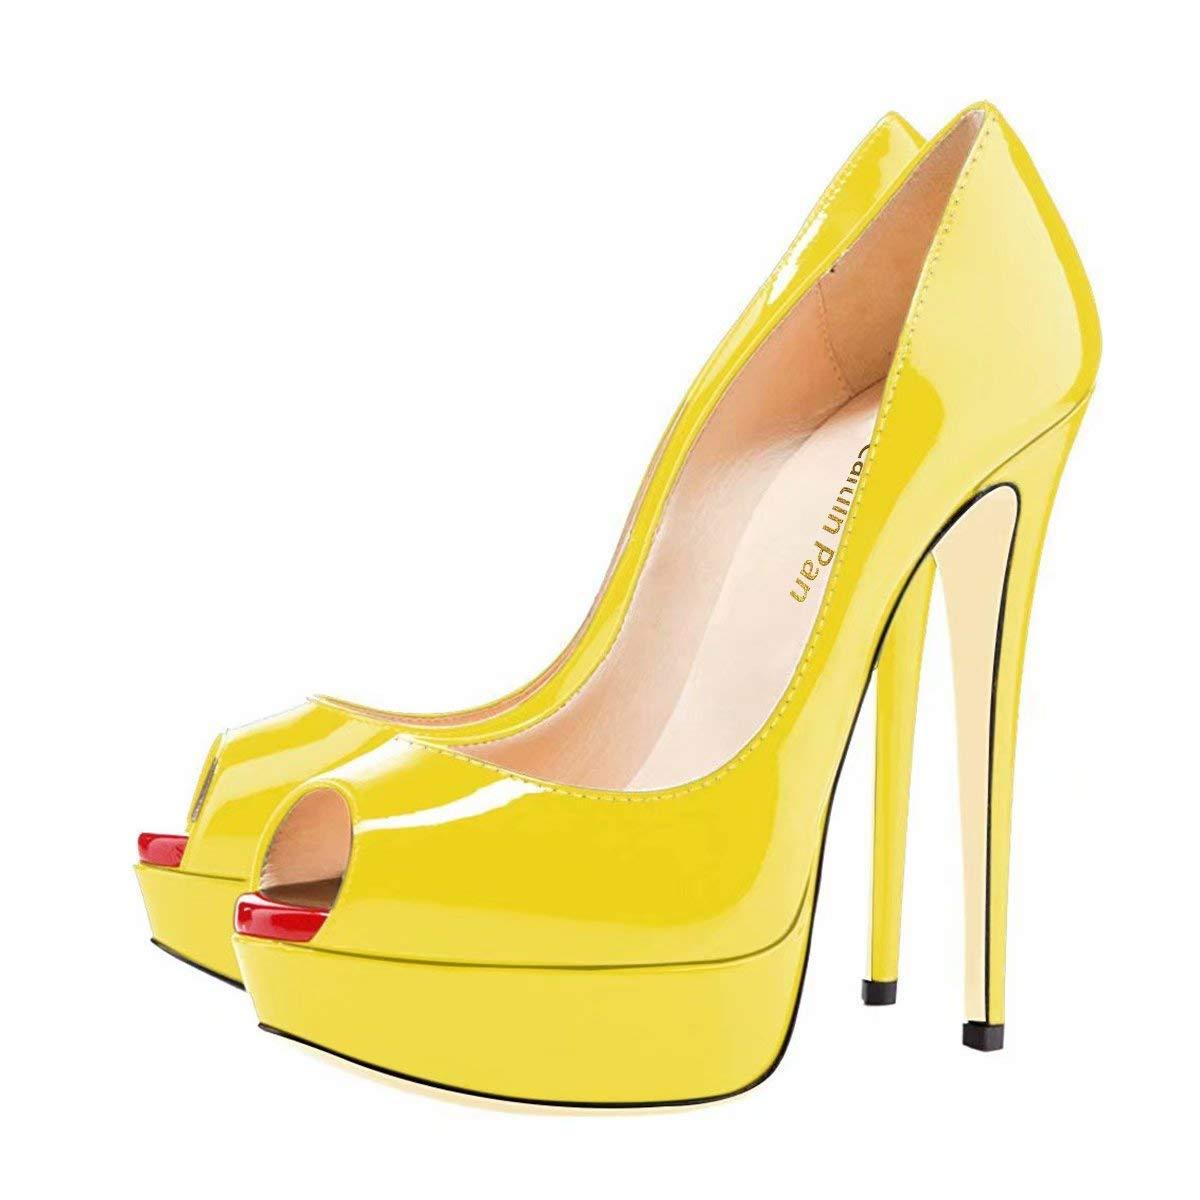 Caitlin Pan Femmes Talon Pan Escarpins Plateforme 15CM Escarpins Peep Toe 35-45 3CM Plateforme Talon Chaussures Open Toe 35-45 Bout Rouge/ Jaune 4c59d27 - deadsea.space